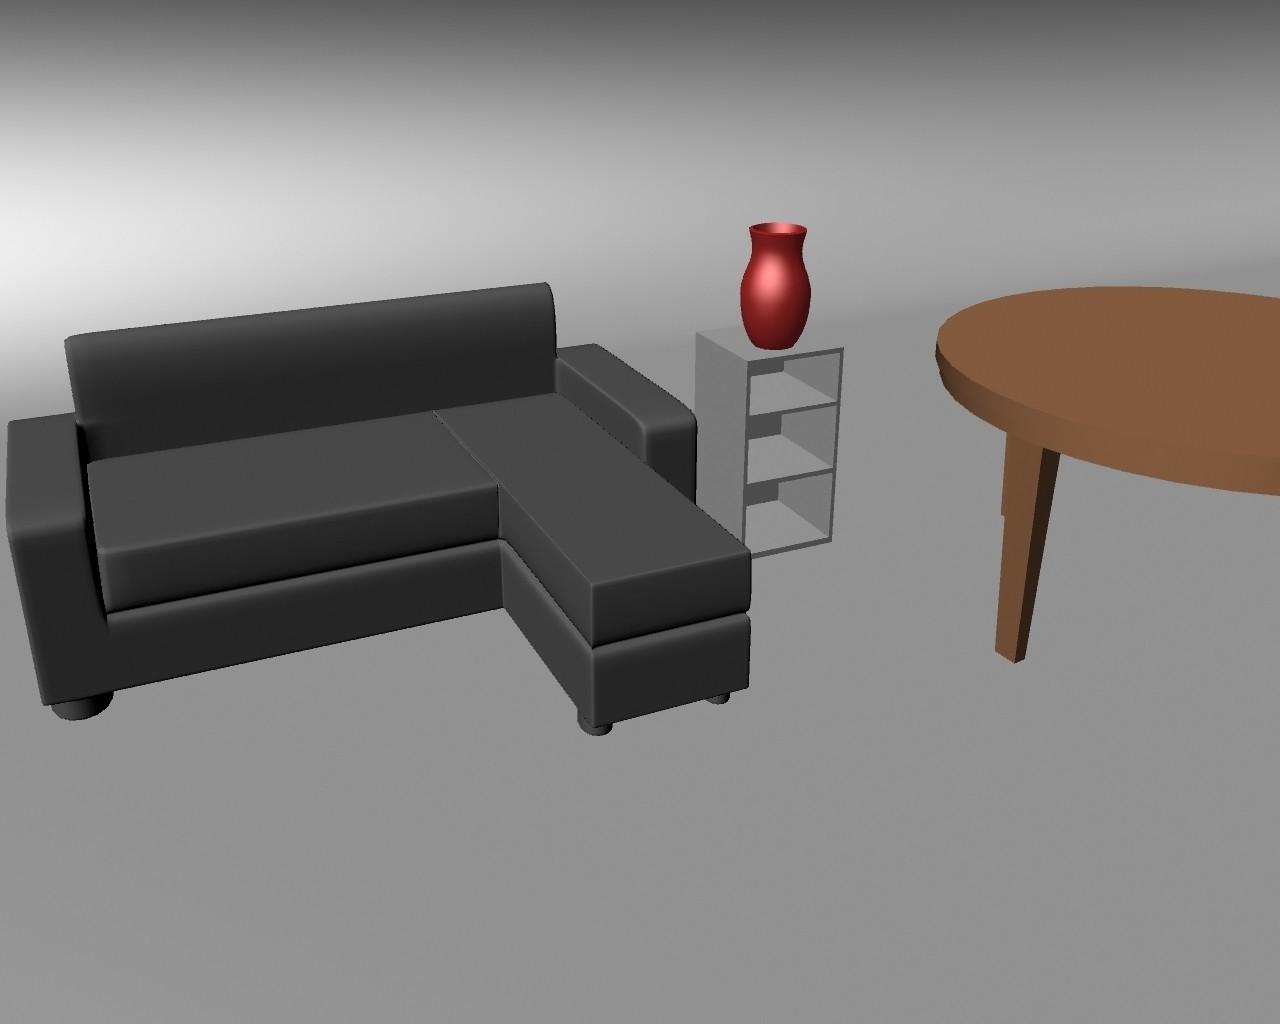 sillon.jpg Télécharger fichier OBJ gratuit Sillon • Modèle pour imprimante 3D, Superer012